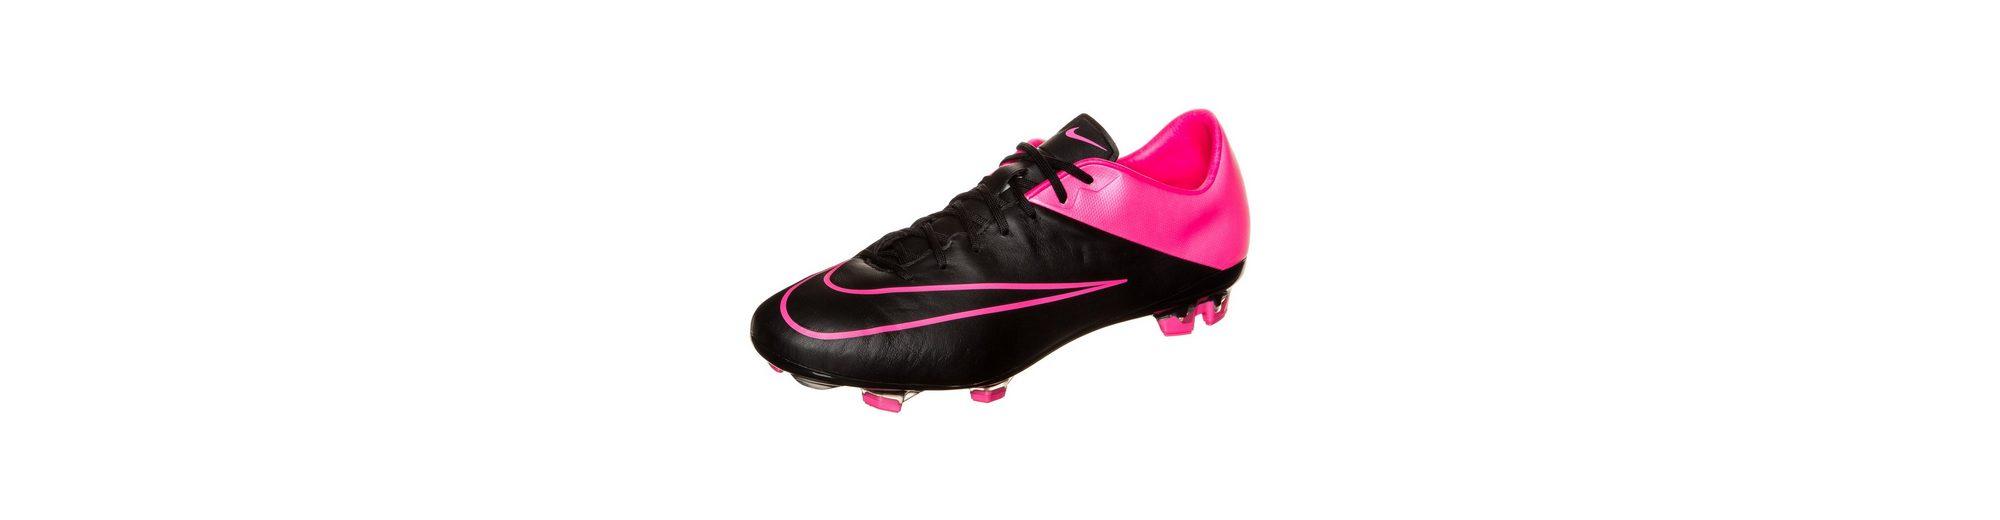 Nike Mercurial Veloce II Leather FG Fußballschuh Herren Kaufen Billig Gefälschte Online Billig Verkaufen Viele Arten Von Vorbestellung TEJnVDI